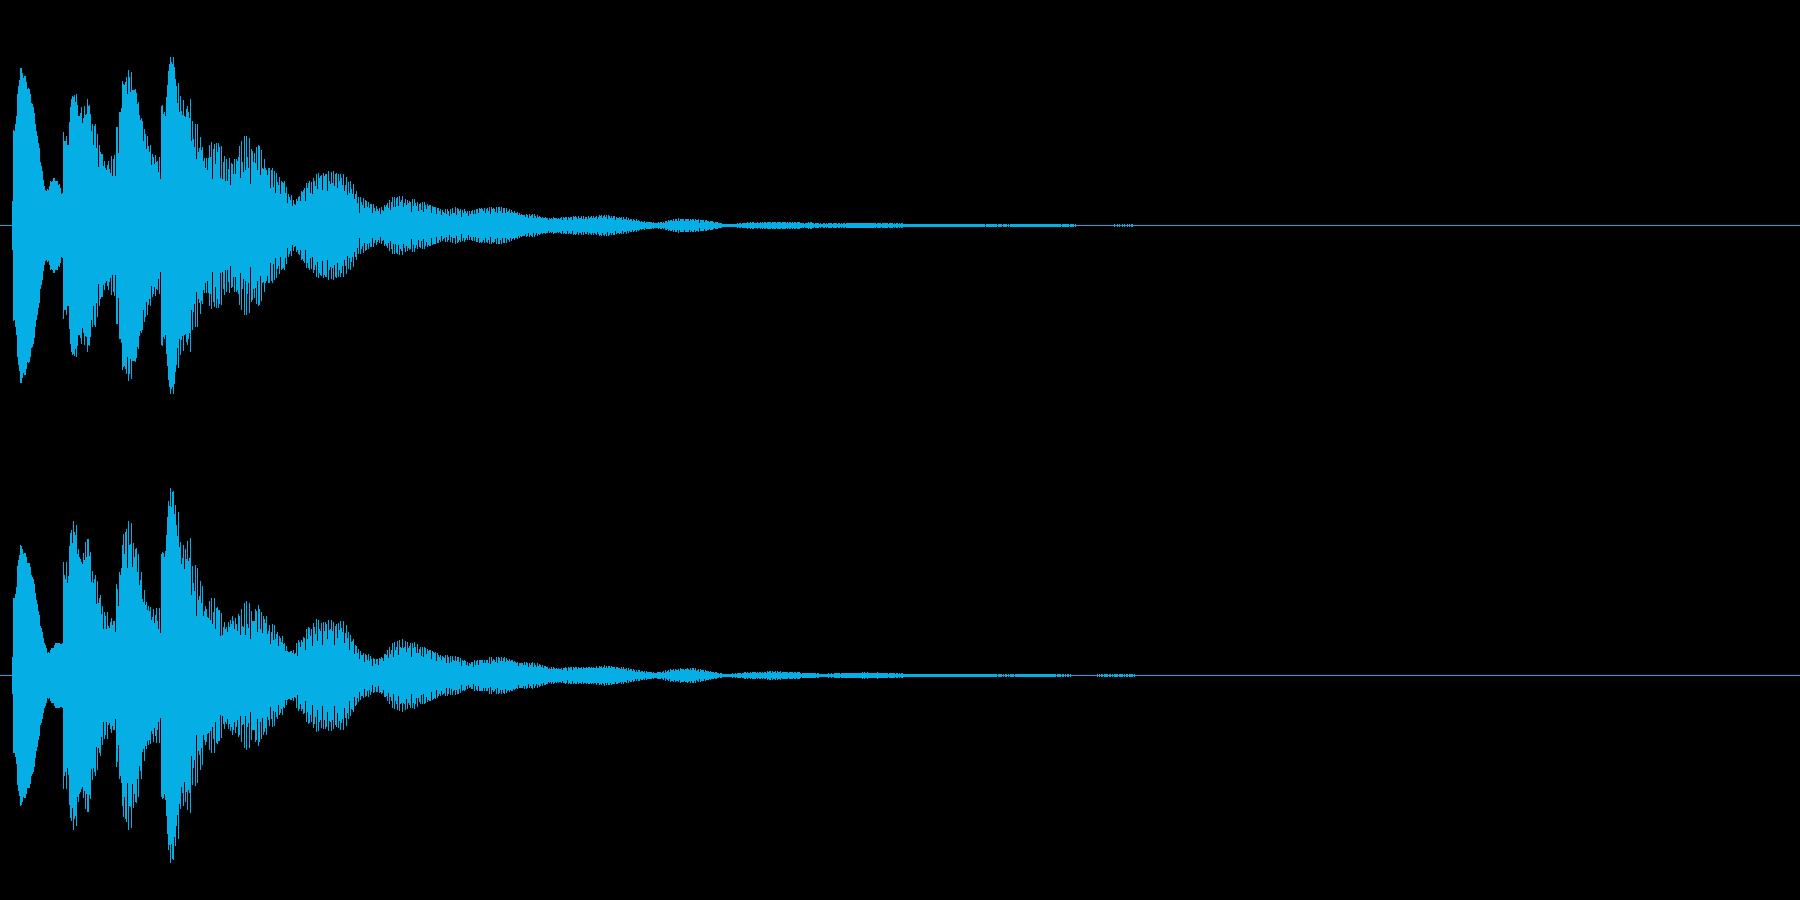 クイズ 正解音や効果音。ピコピコ♪の再生済みの波形